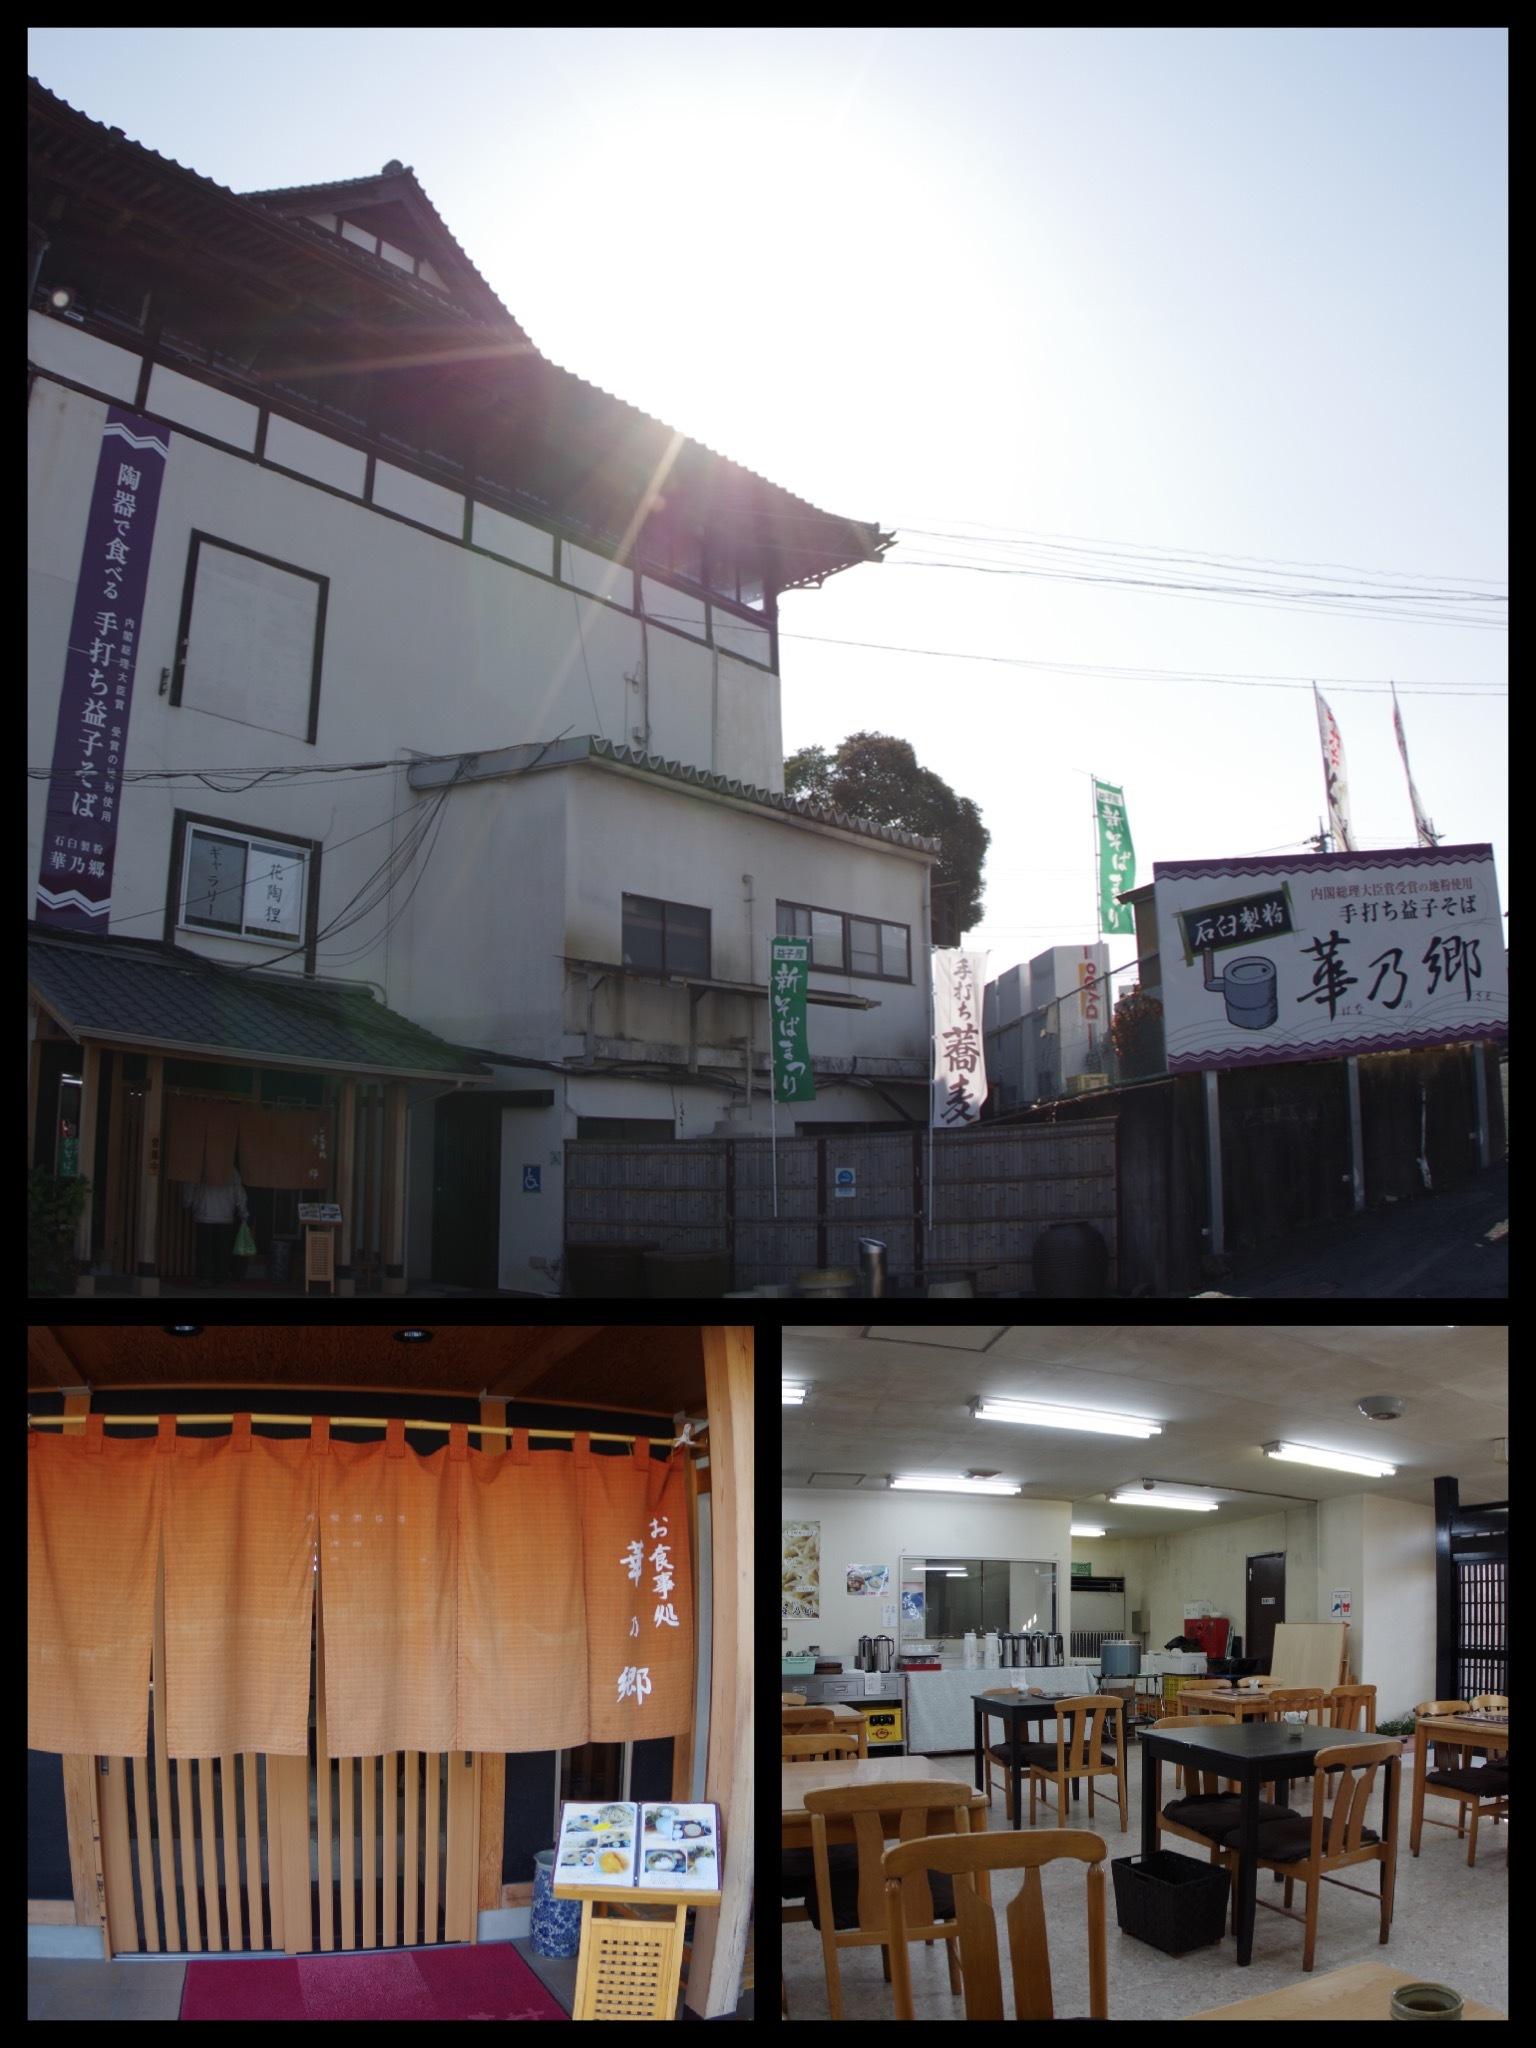 益子 新そば 華の郷 益子焼窯元共販センター